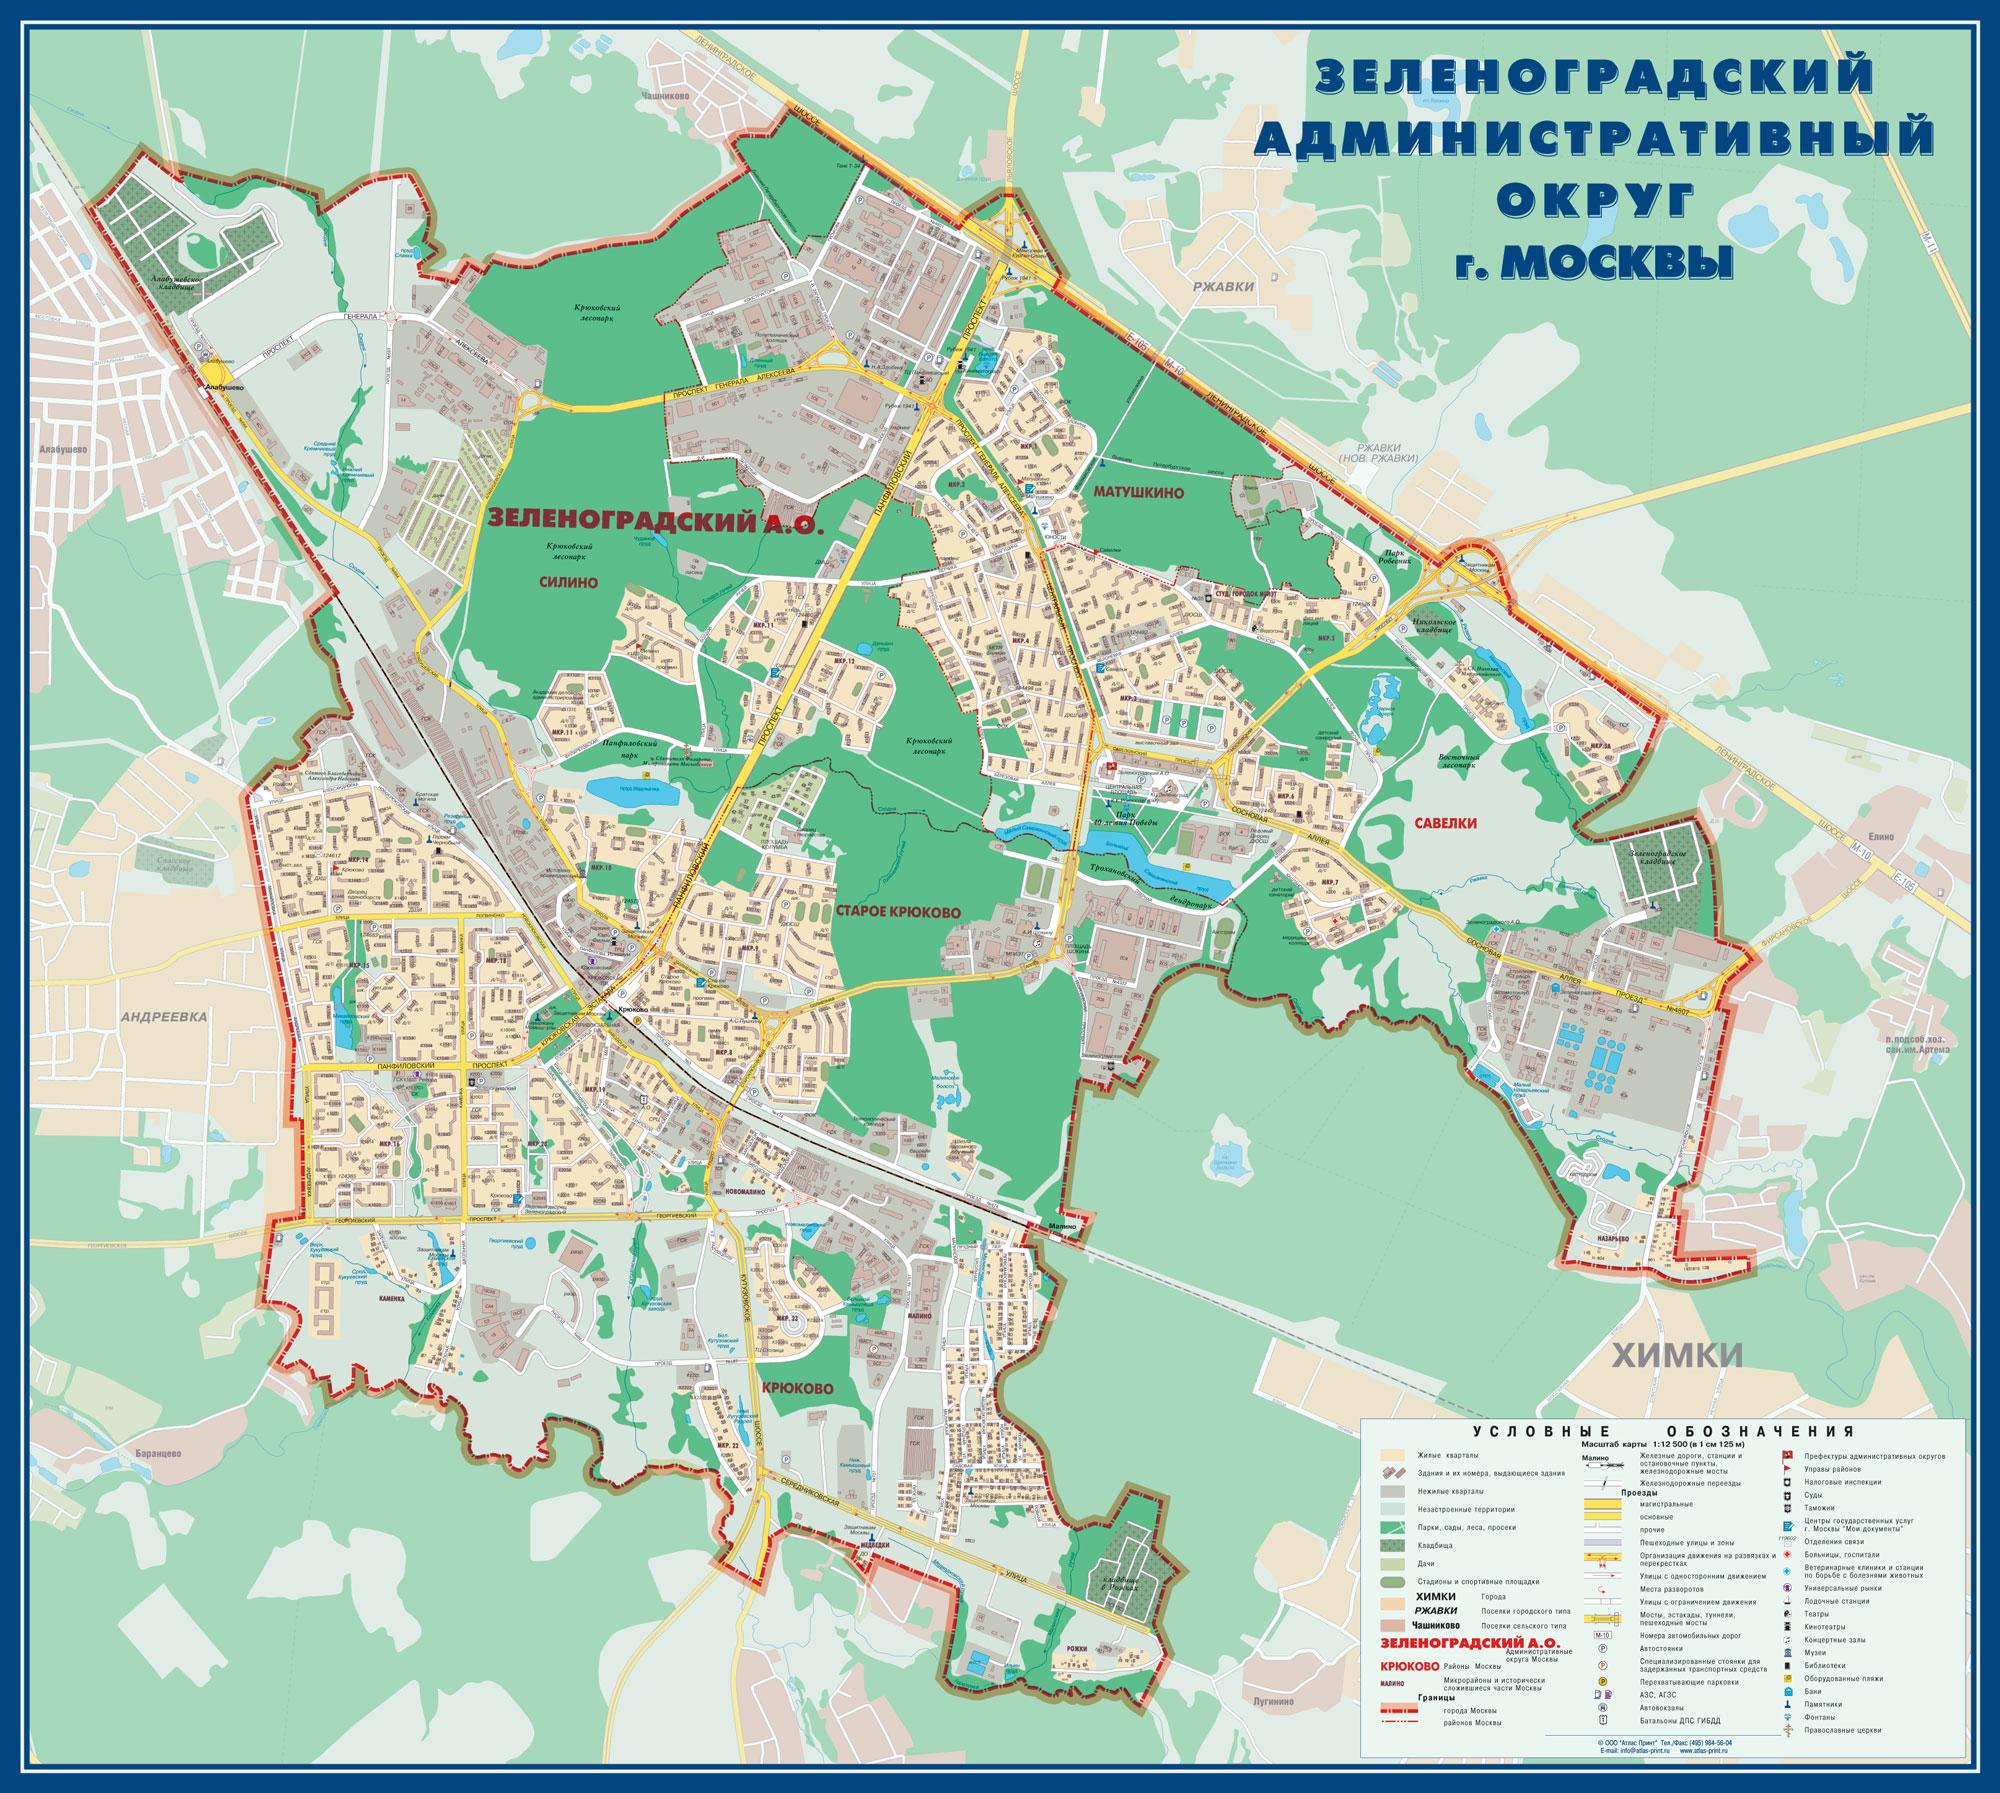 Настенная карта Зеленоградского административного округа Москвы. ЗелАО (г. Зеленоград) ламинированная  размер 1,12*1,00 м, выполняется на заказ